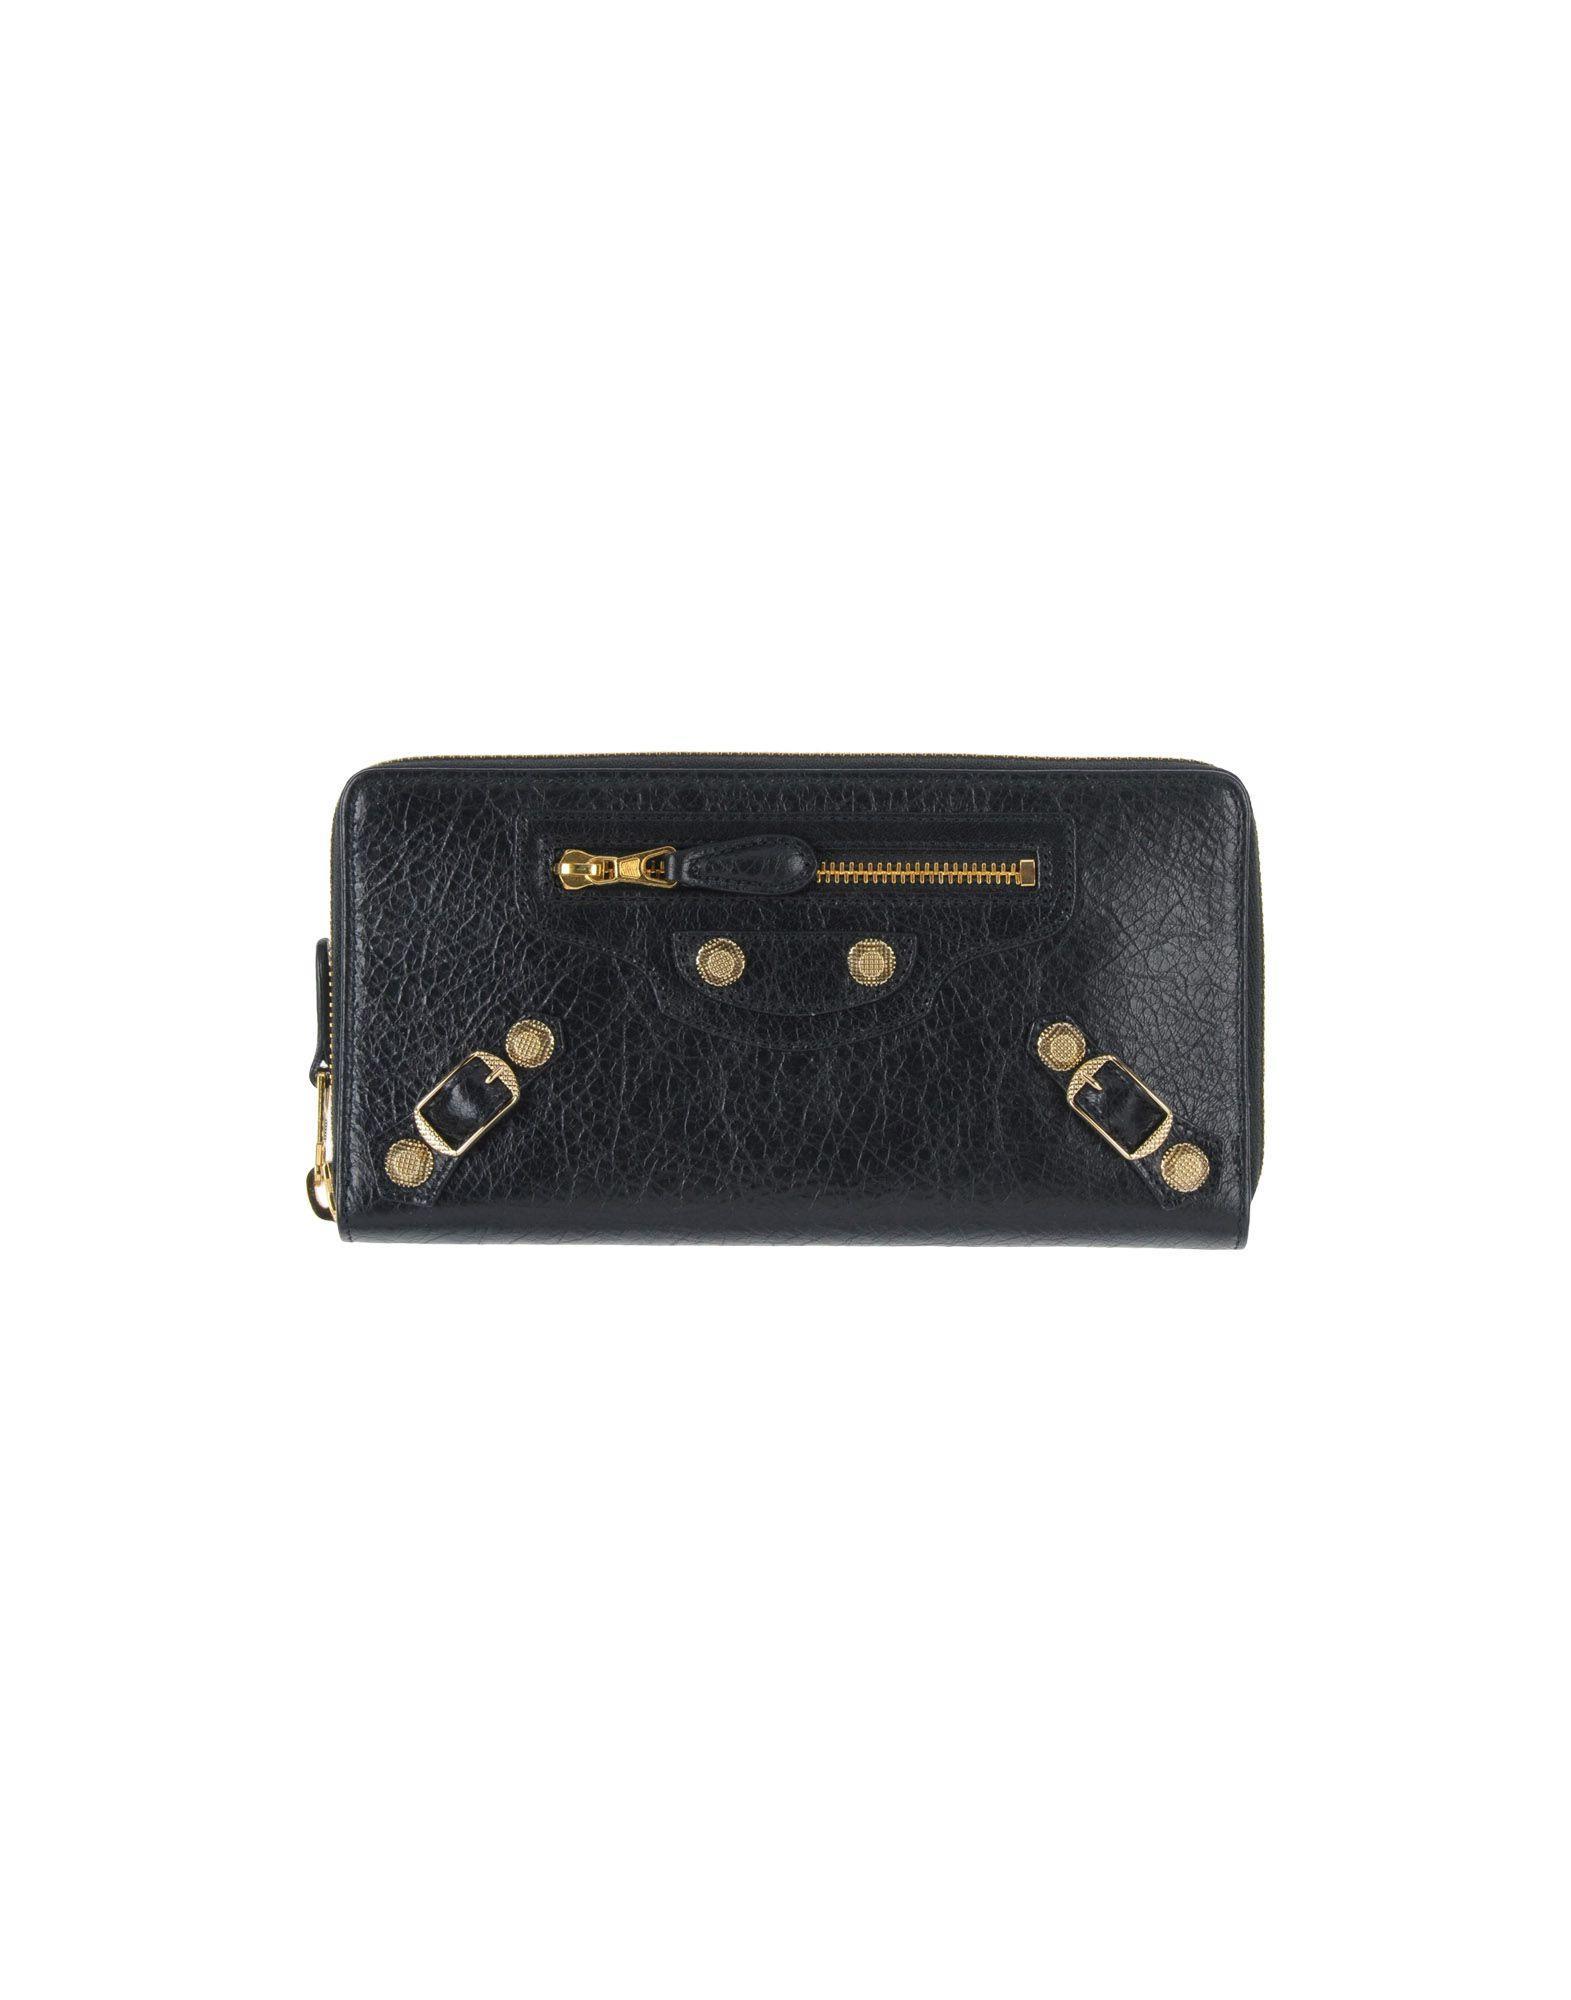 Balenciaga Wallets In Black